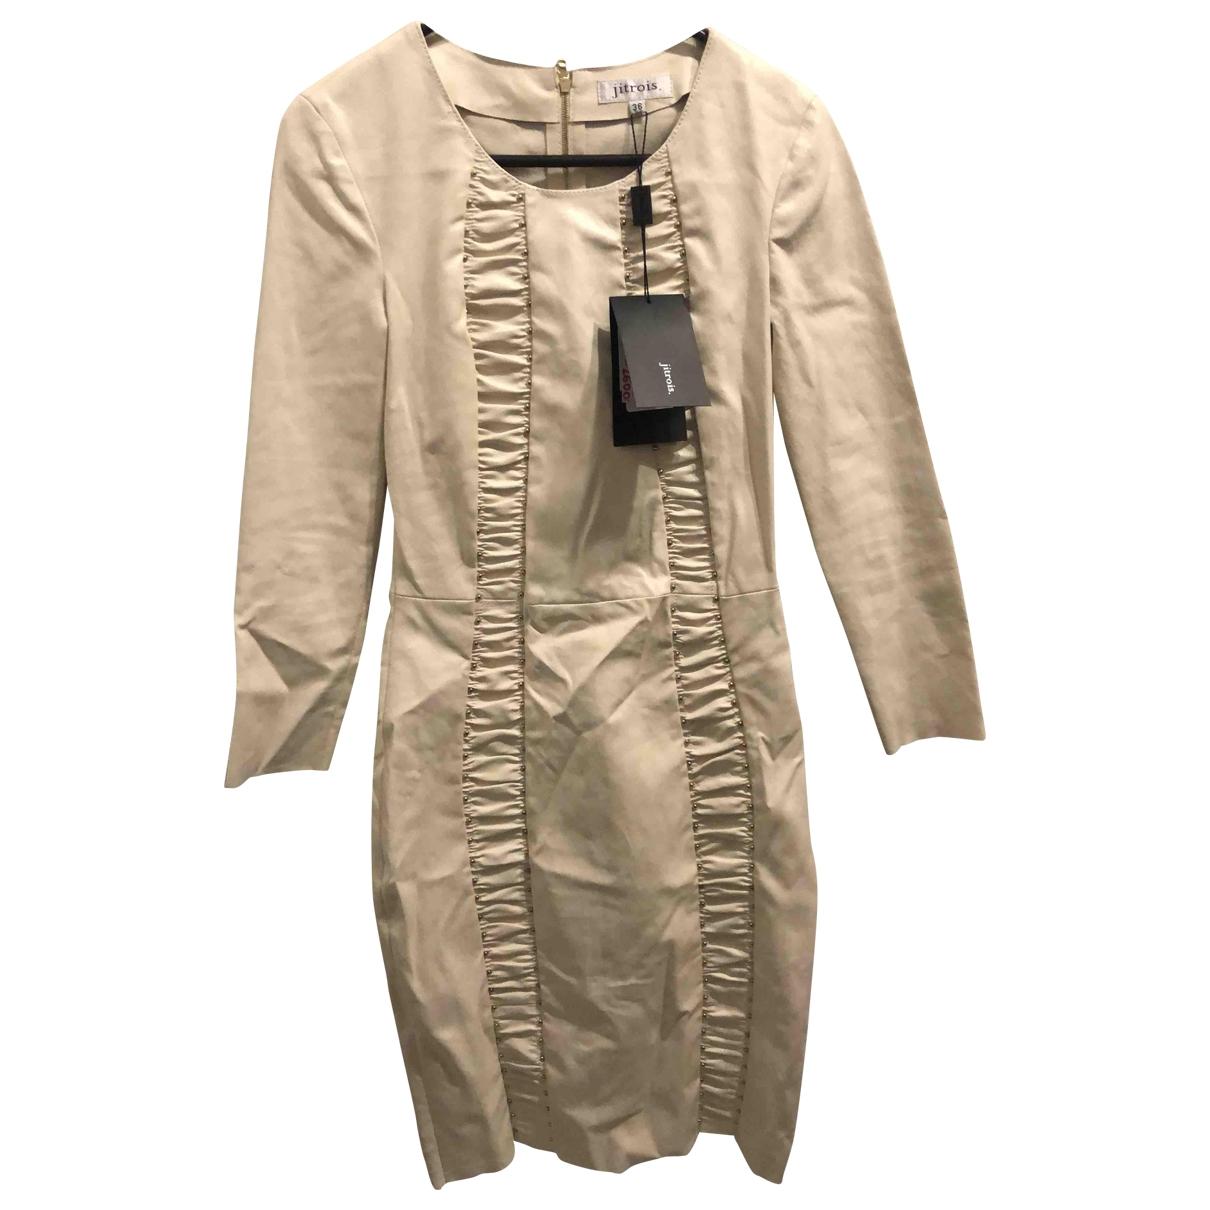 Jitrois \N Ecru Leather dress for Women 36 IT